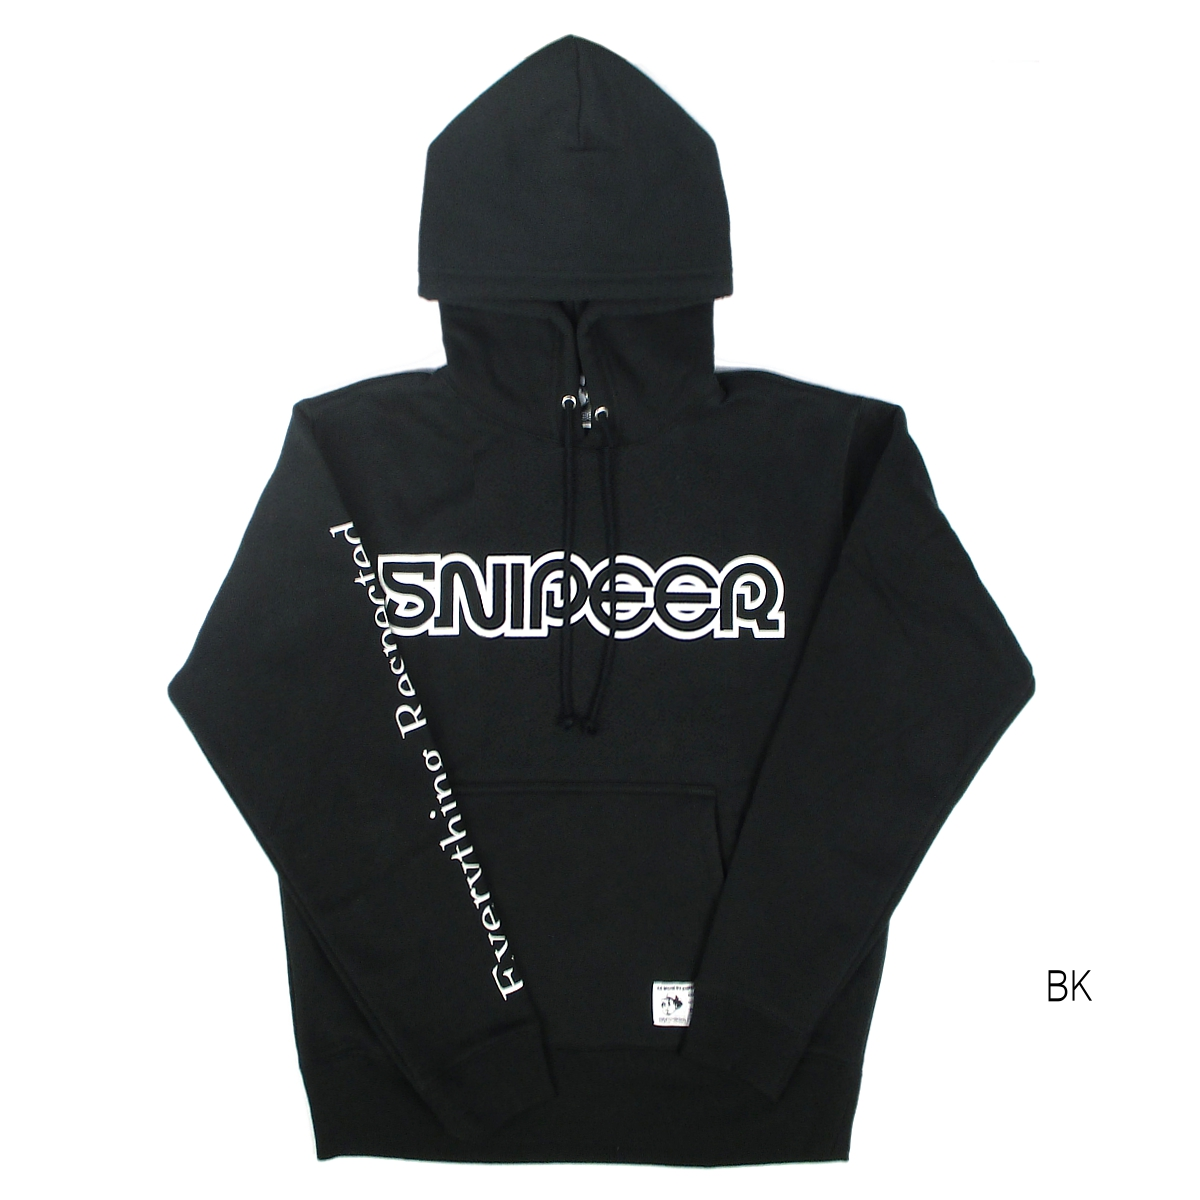 素晴らしい価格 SNP-HP0014 LOGO PARKA LOGO M M SNP-HP0014 BK, アクセサリークイールキャラメリゼ:1f15f916 --- business.personalco5.dominiotemporario.com